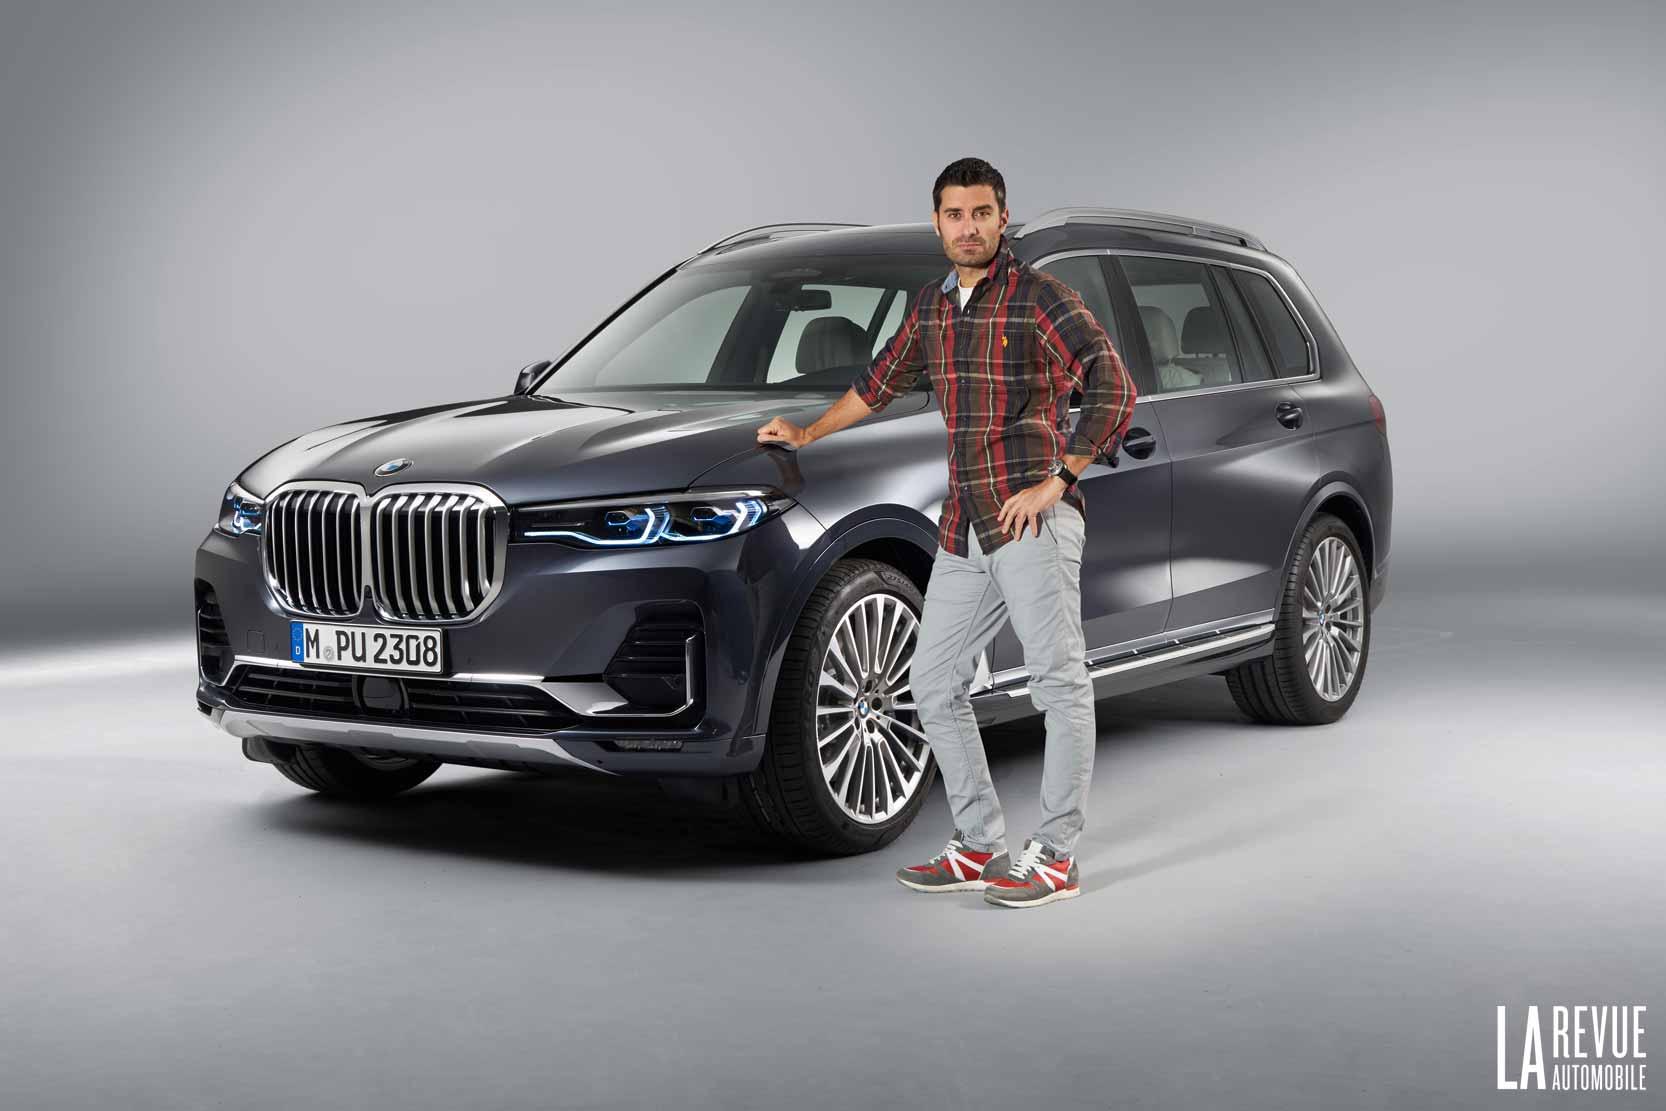 Le nouveau BMW X7 dans un Studio photo